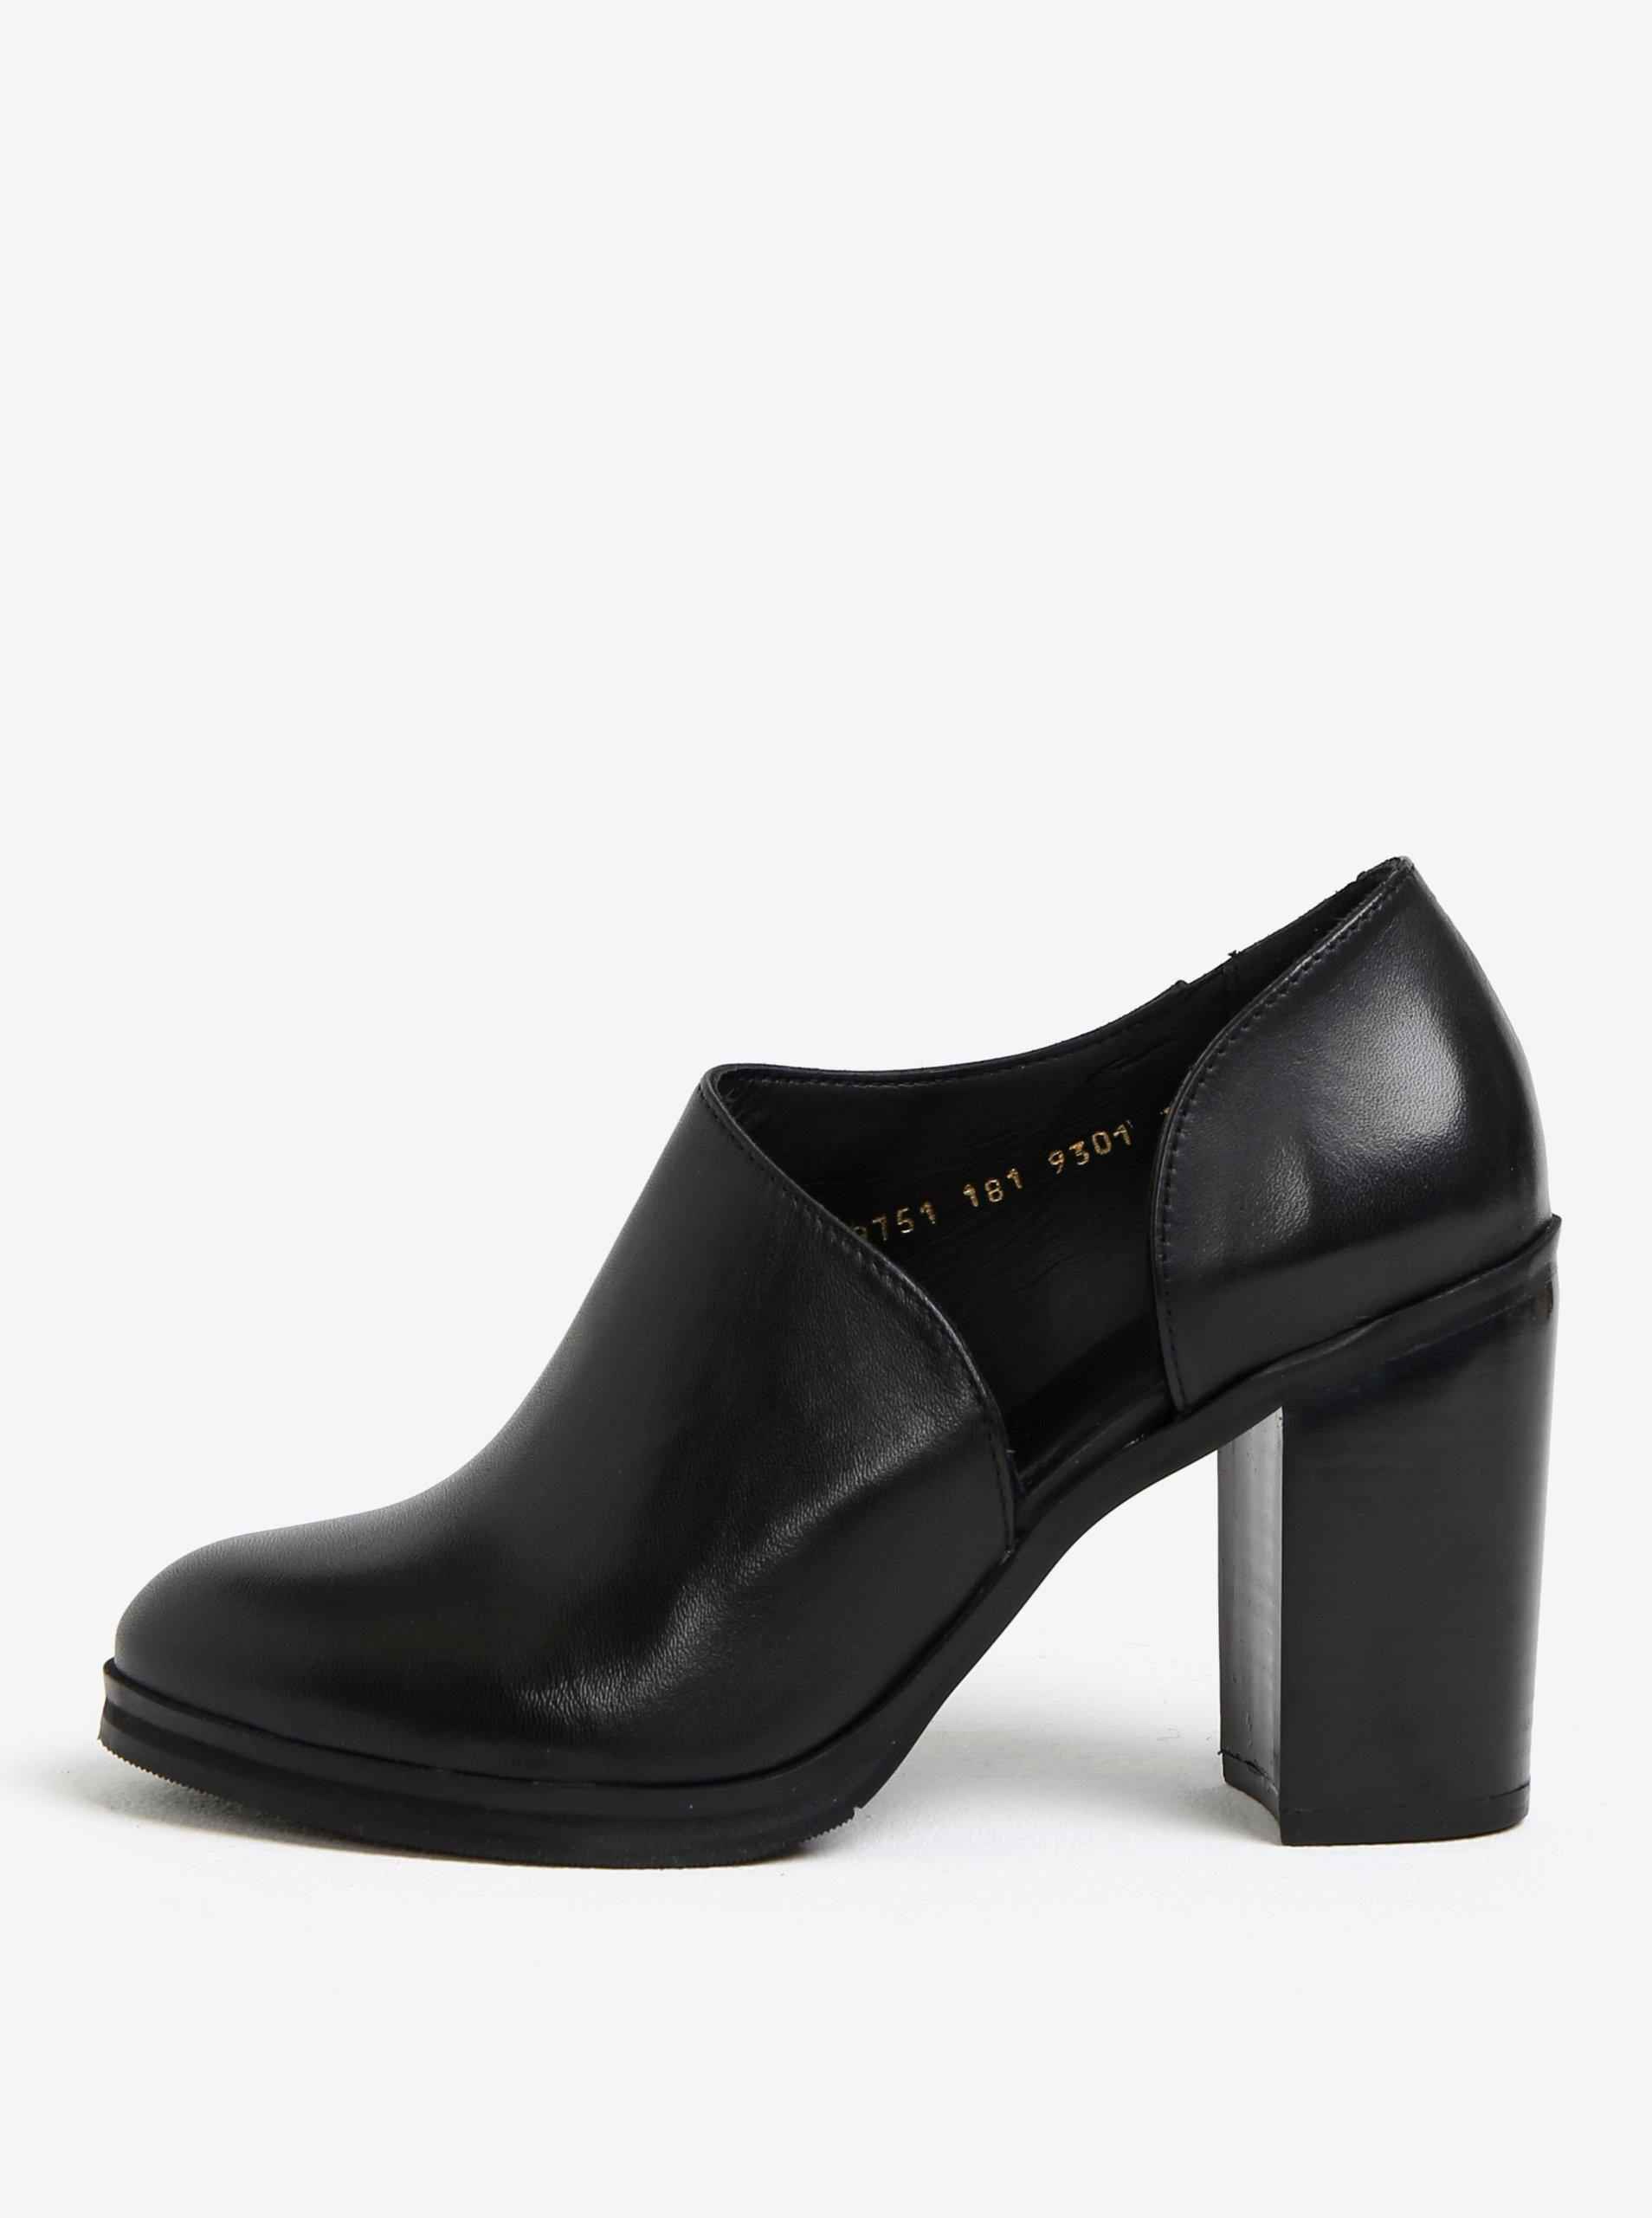 Černé dámské kožené polobotky na vysokém podpatku Royal RepubliQ